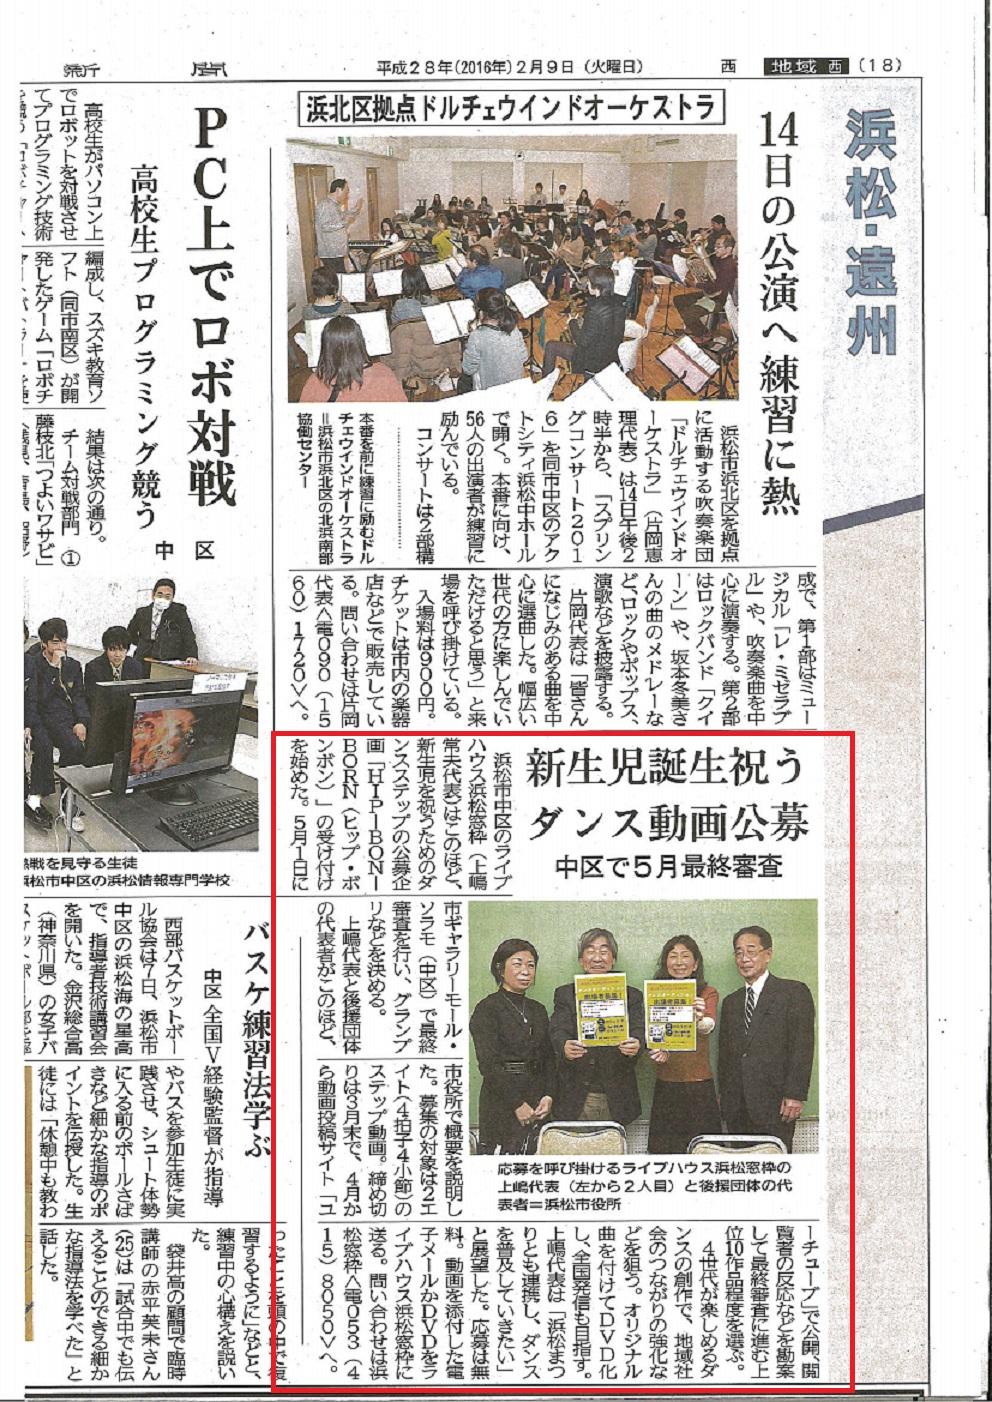 静岡新聞MX-2514FN_20160209_092533_001